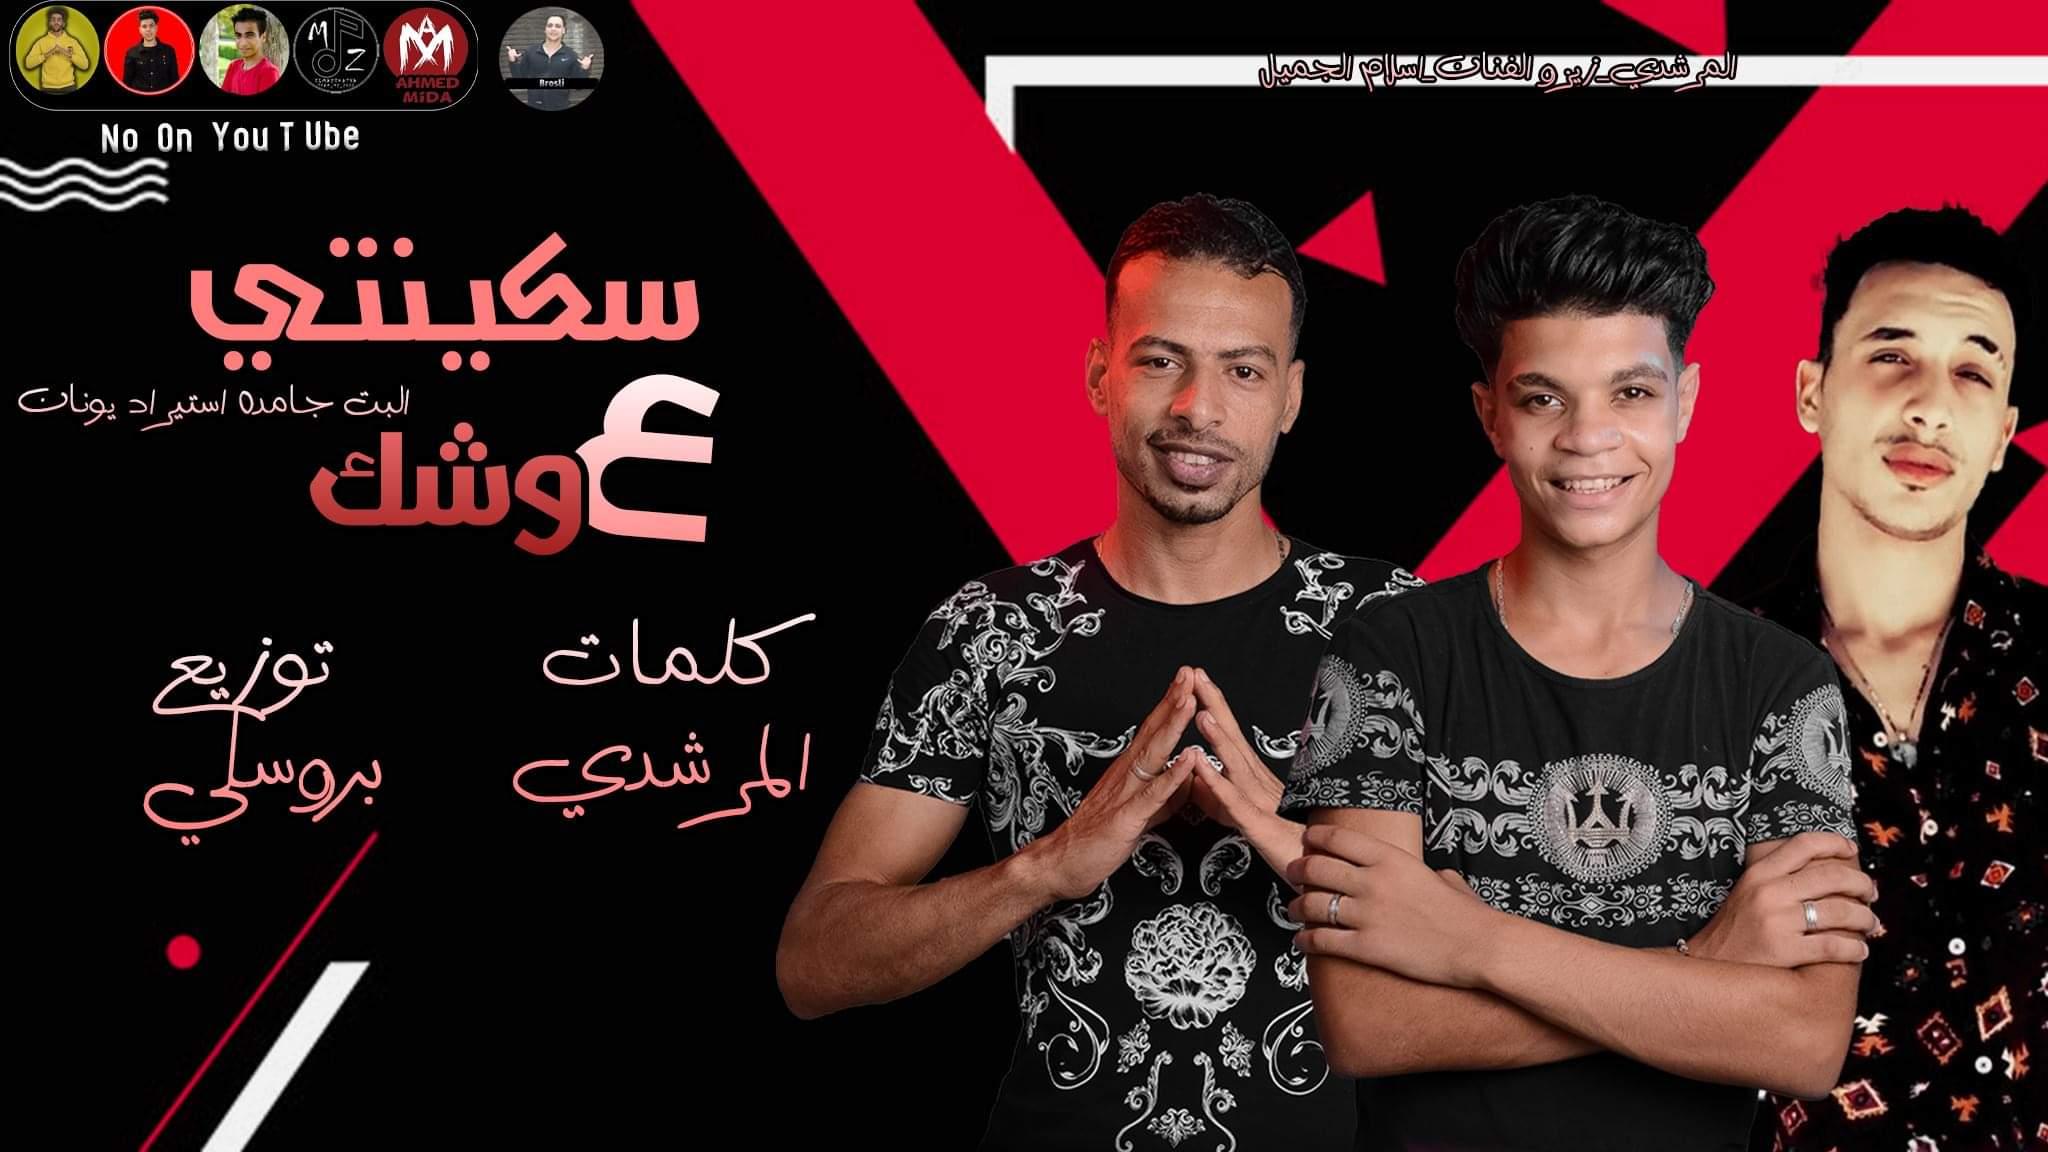 مهرجانات 2020 | مهرجان سكينتي علي وشك _ اسلام الجميل _ المرشدي _ زيزو الفنان _ اجدد المهرجانات 2020